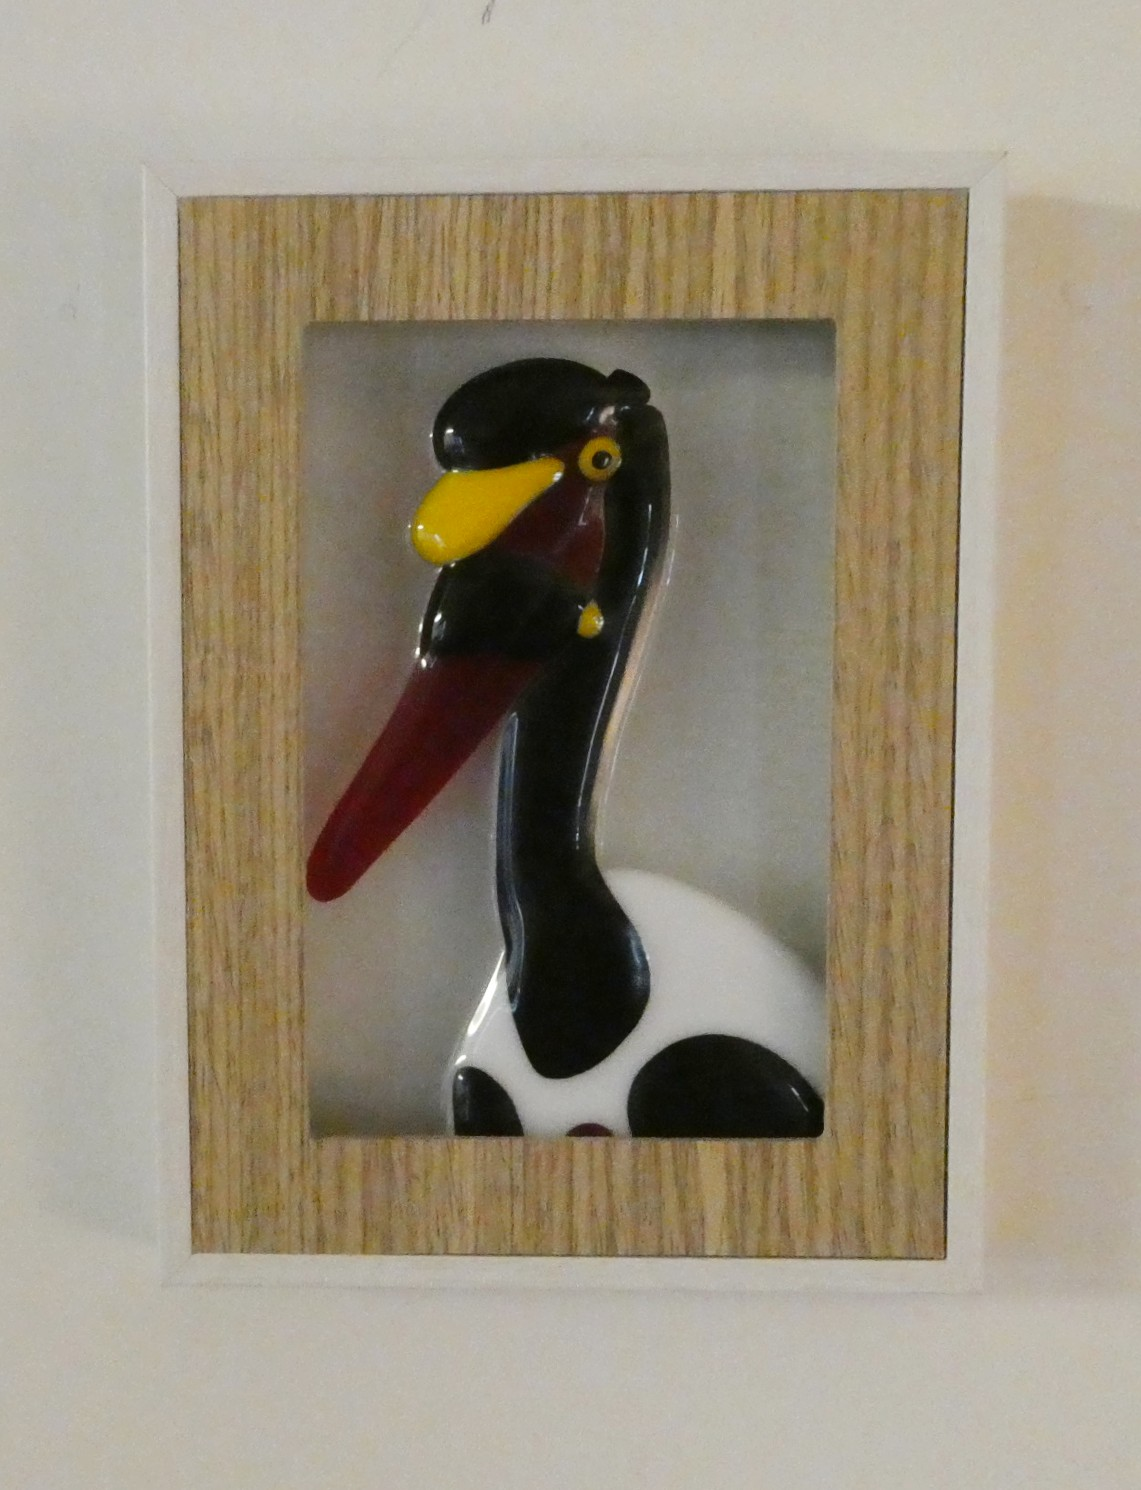 Vogels over de hele wereld, uit serie vogels gemaakt door glaskunstenaar Josette Meeuwis